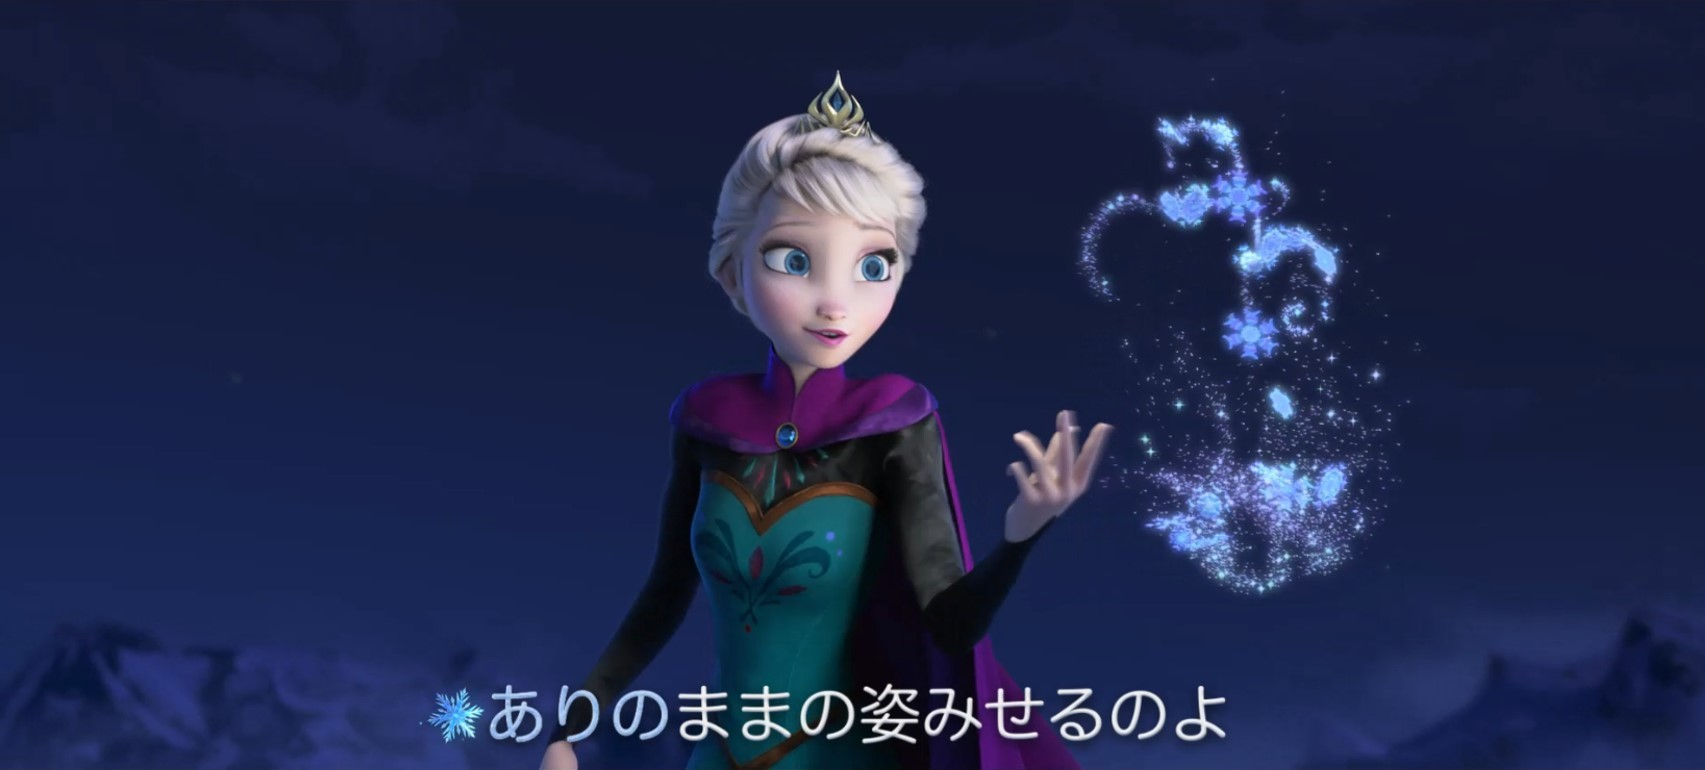 「みんなで歌おう/『アナと雪の女王』」(C)2019 Disney